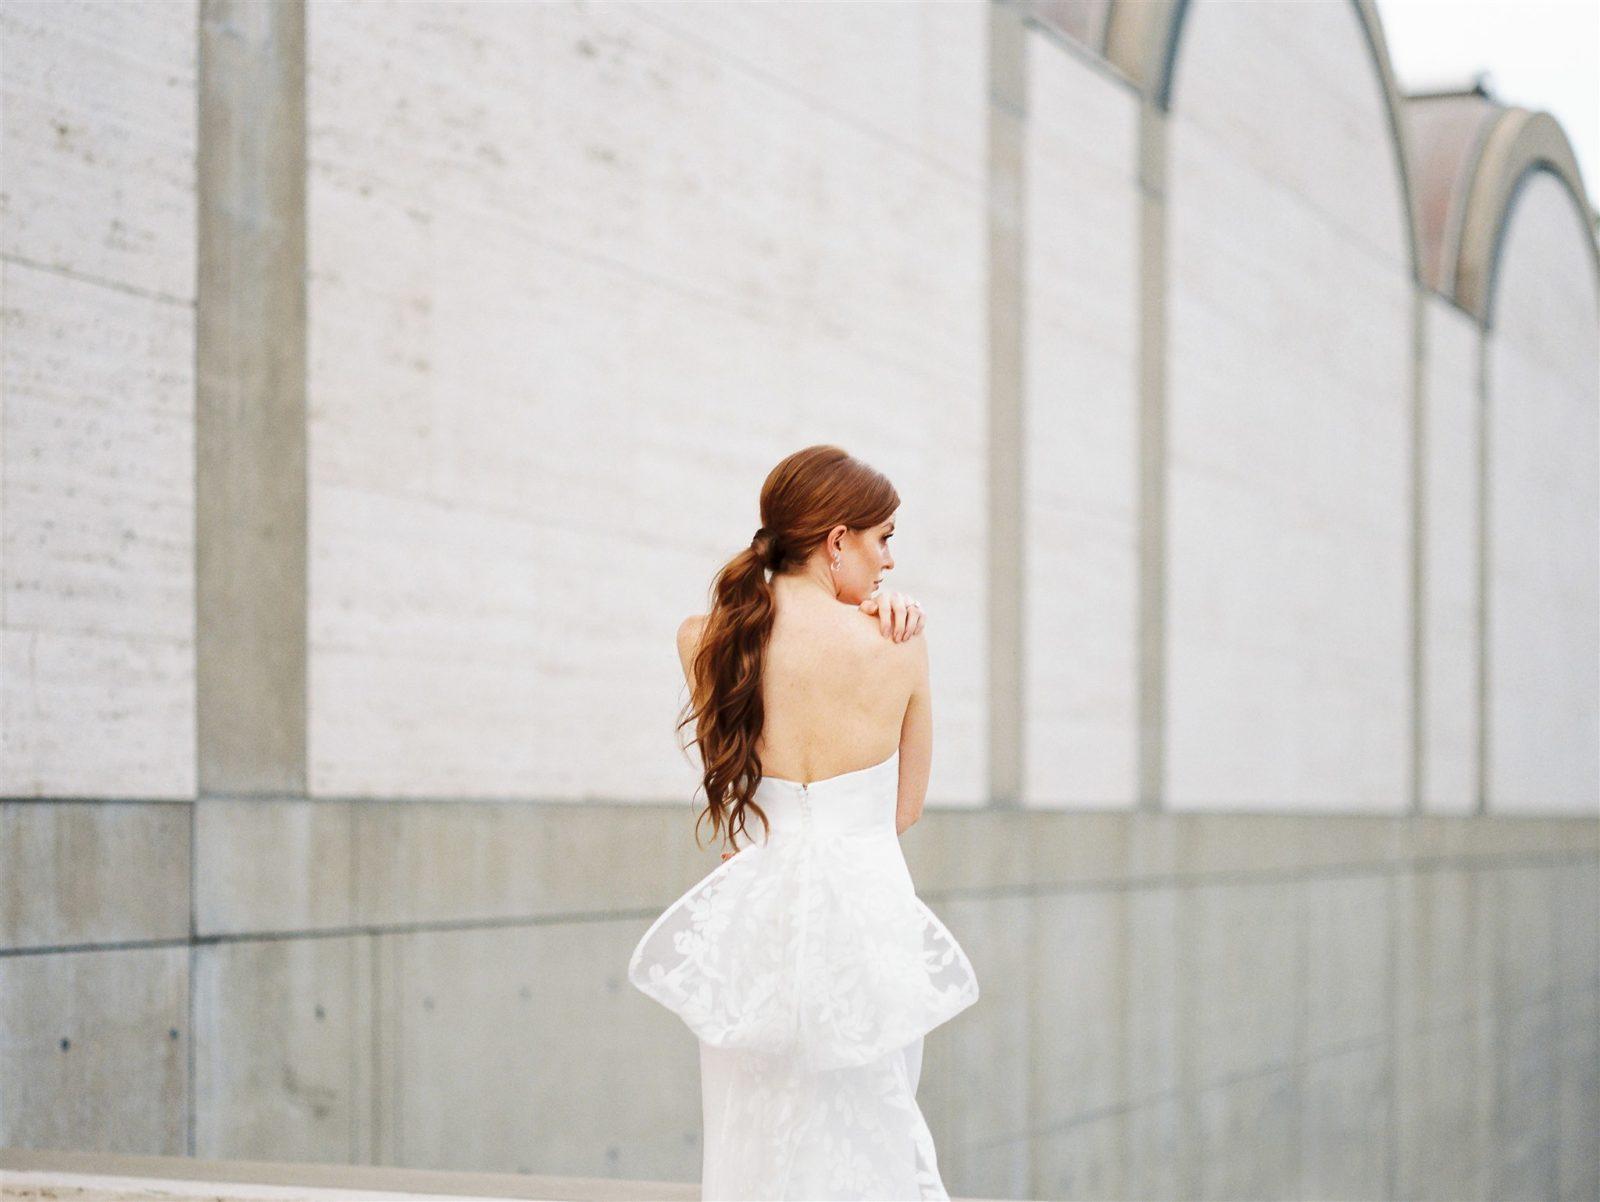 Sareh Nouri Wedding Dress Design